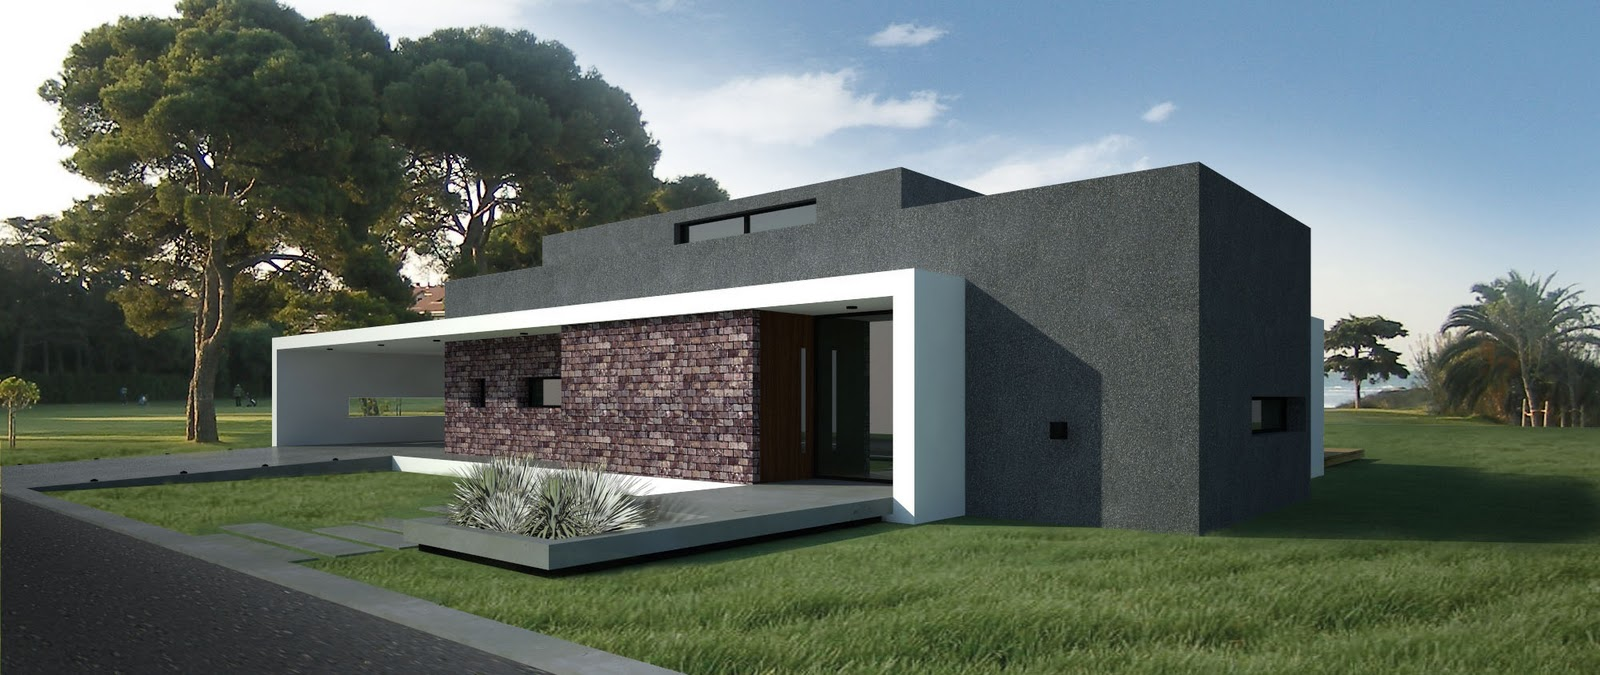 Arquitectos casa sampaolesi - Arquitectos en segovia ...